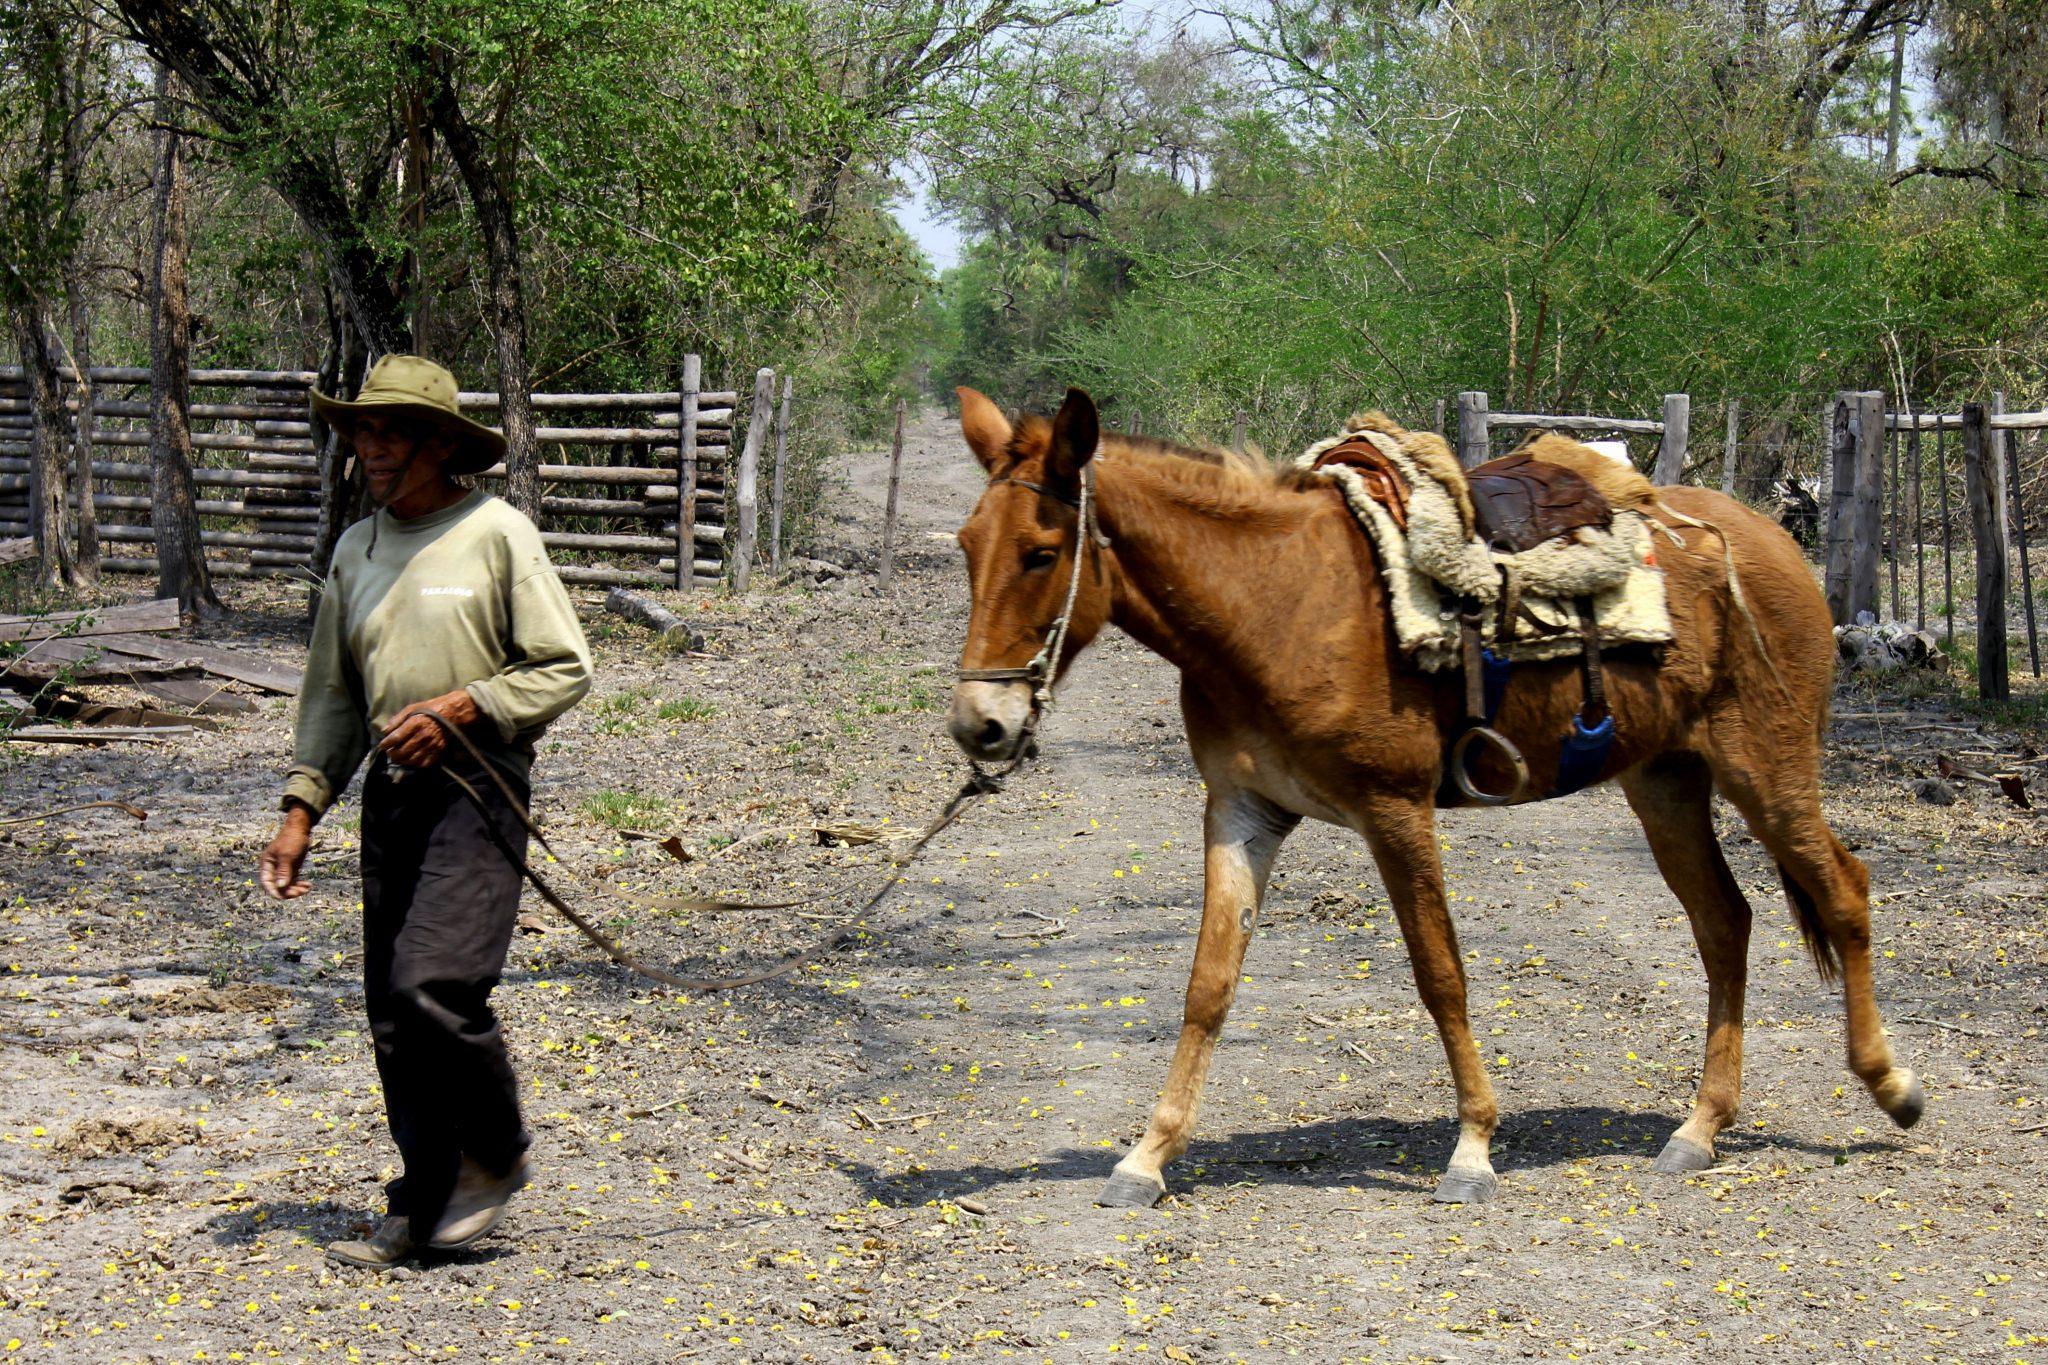 Die Weidewirtschaft ist eine der wichtigsten Industriezweige im Pantanal. © WWF / Ilka Petersen